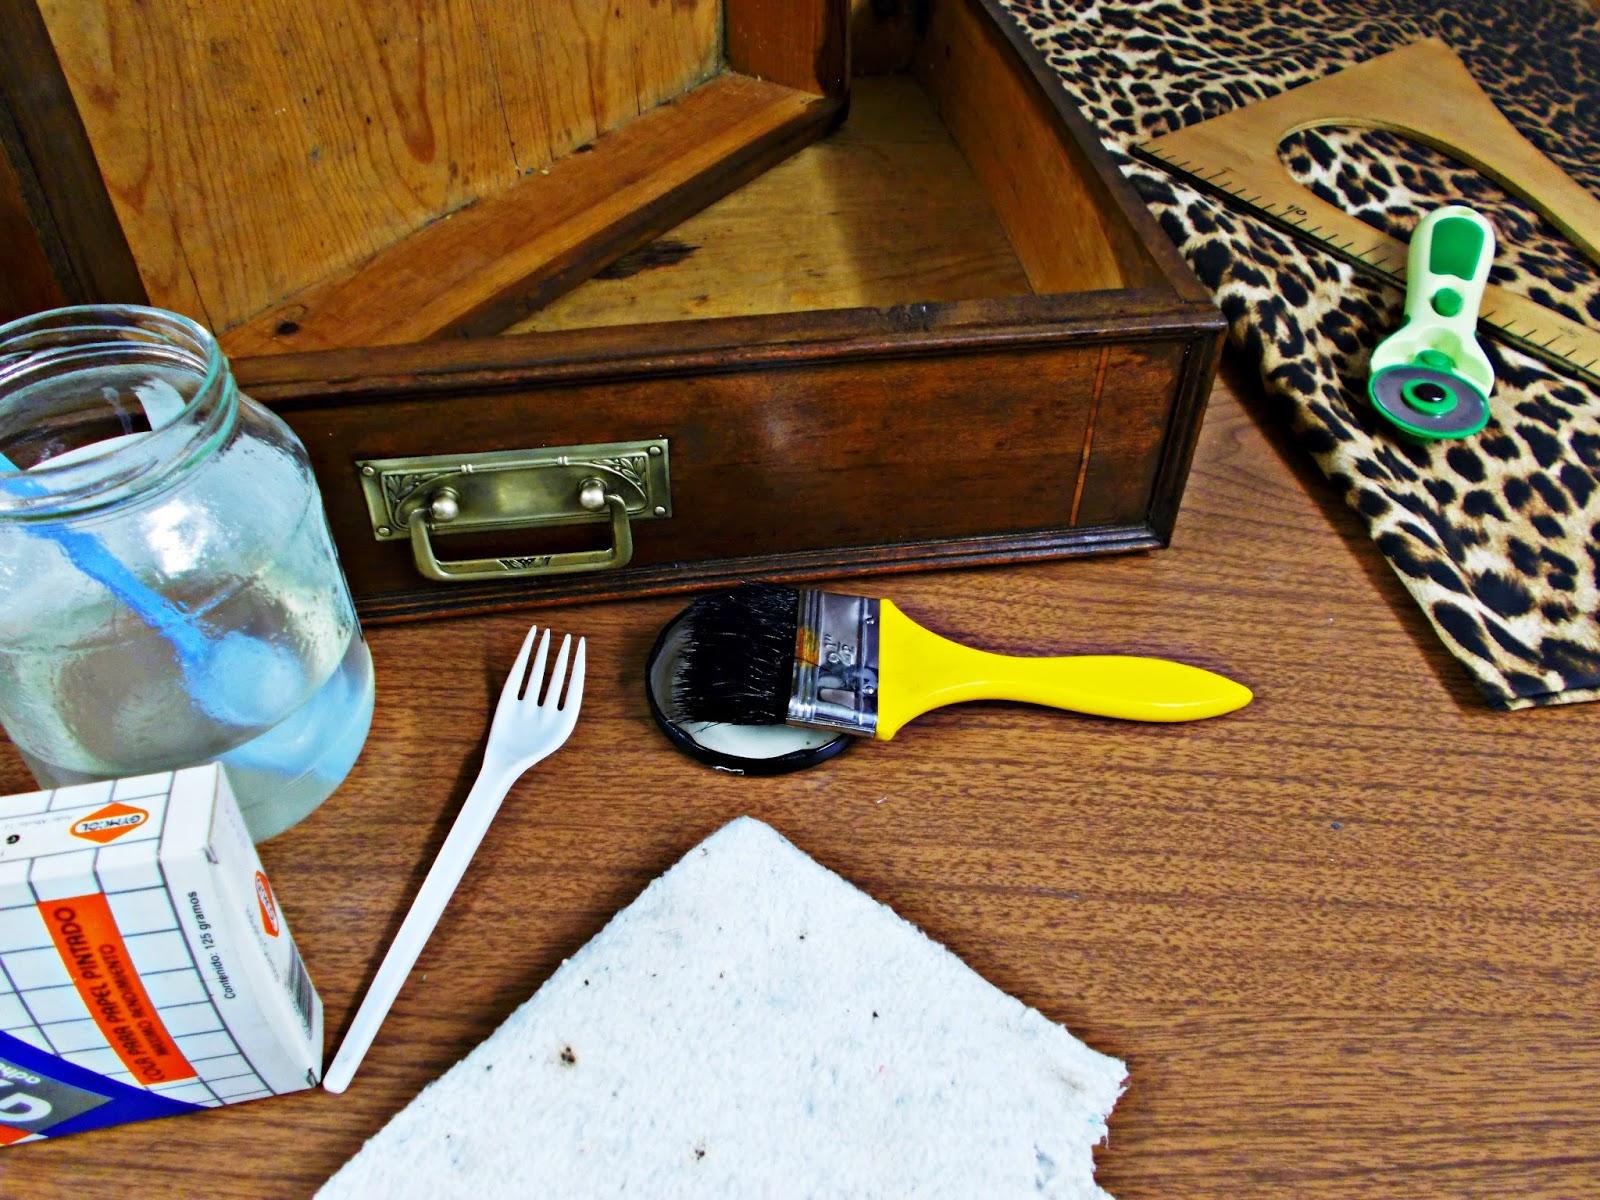 DIY-decoración-cómoda-mueble-restaurar-forrar-cajones-tela-leopardo-4